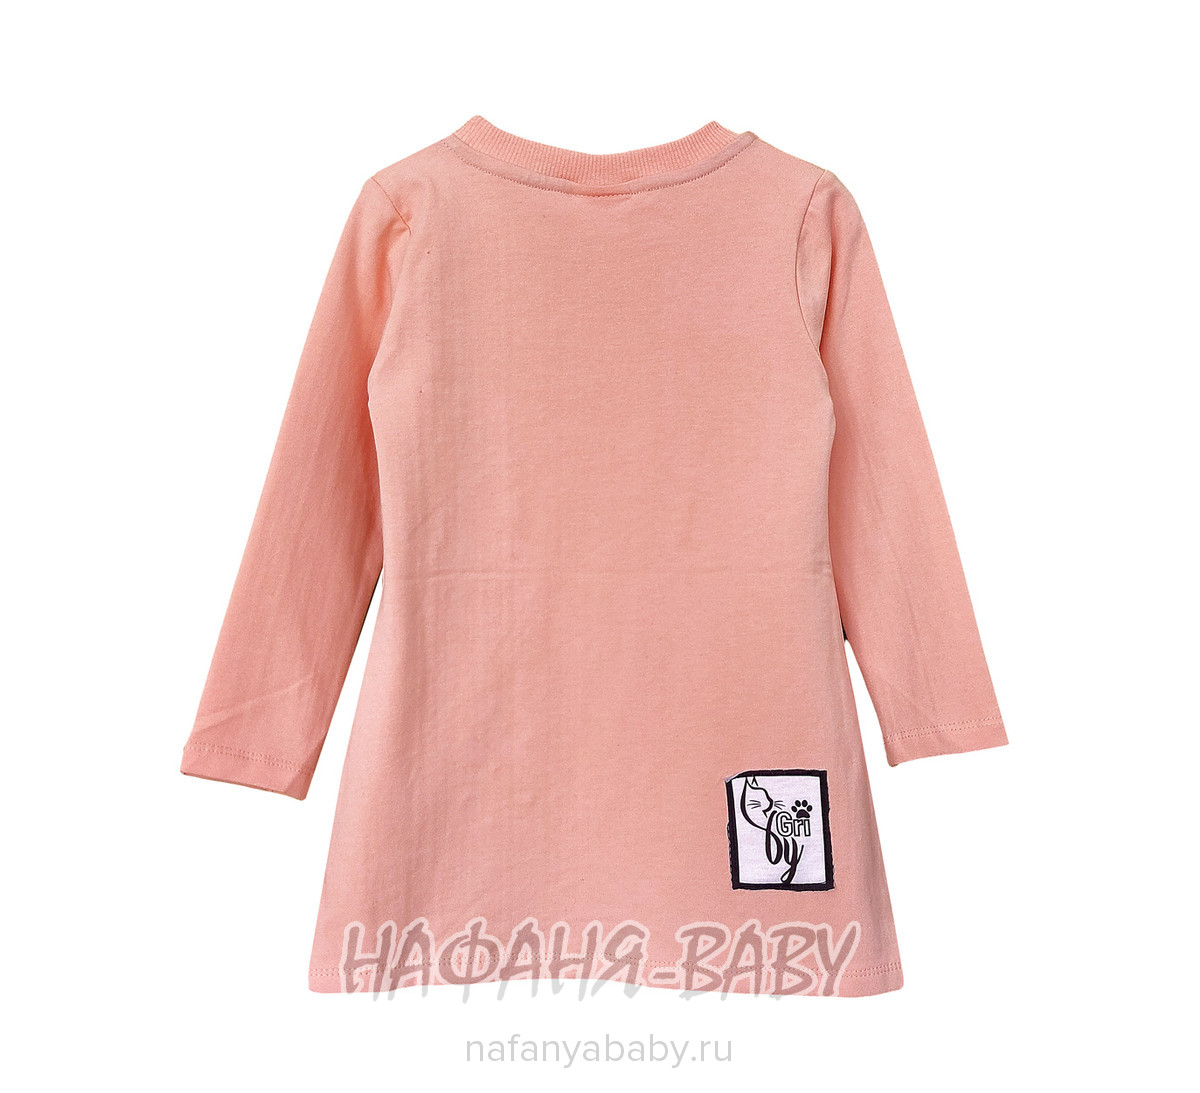 Детская трикотажная платье-туника BY GRI арт: 14555, 5-9 лет, цвет персиковый, оптом Турция